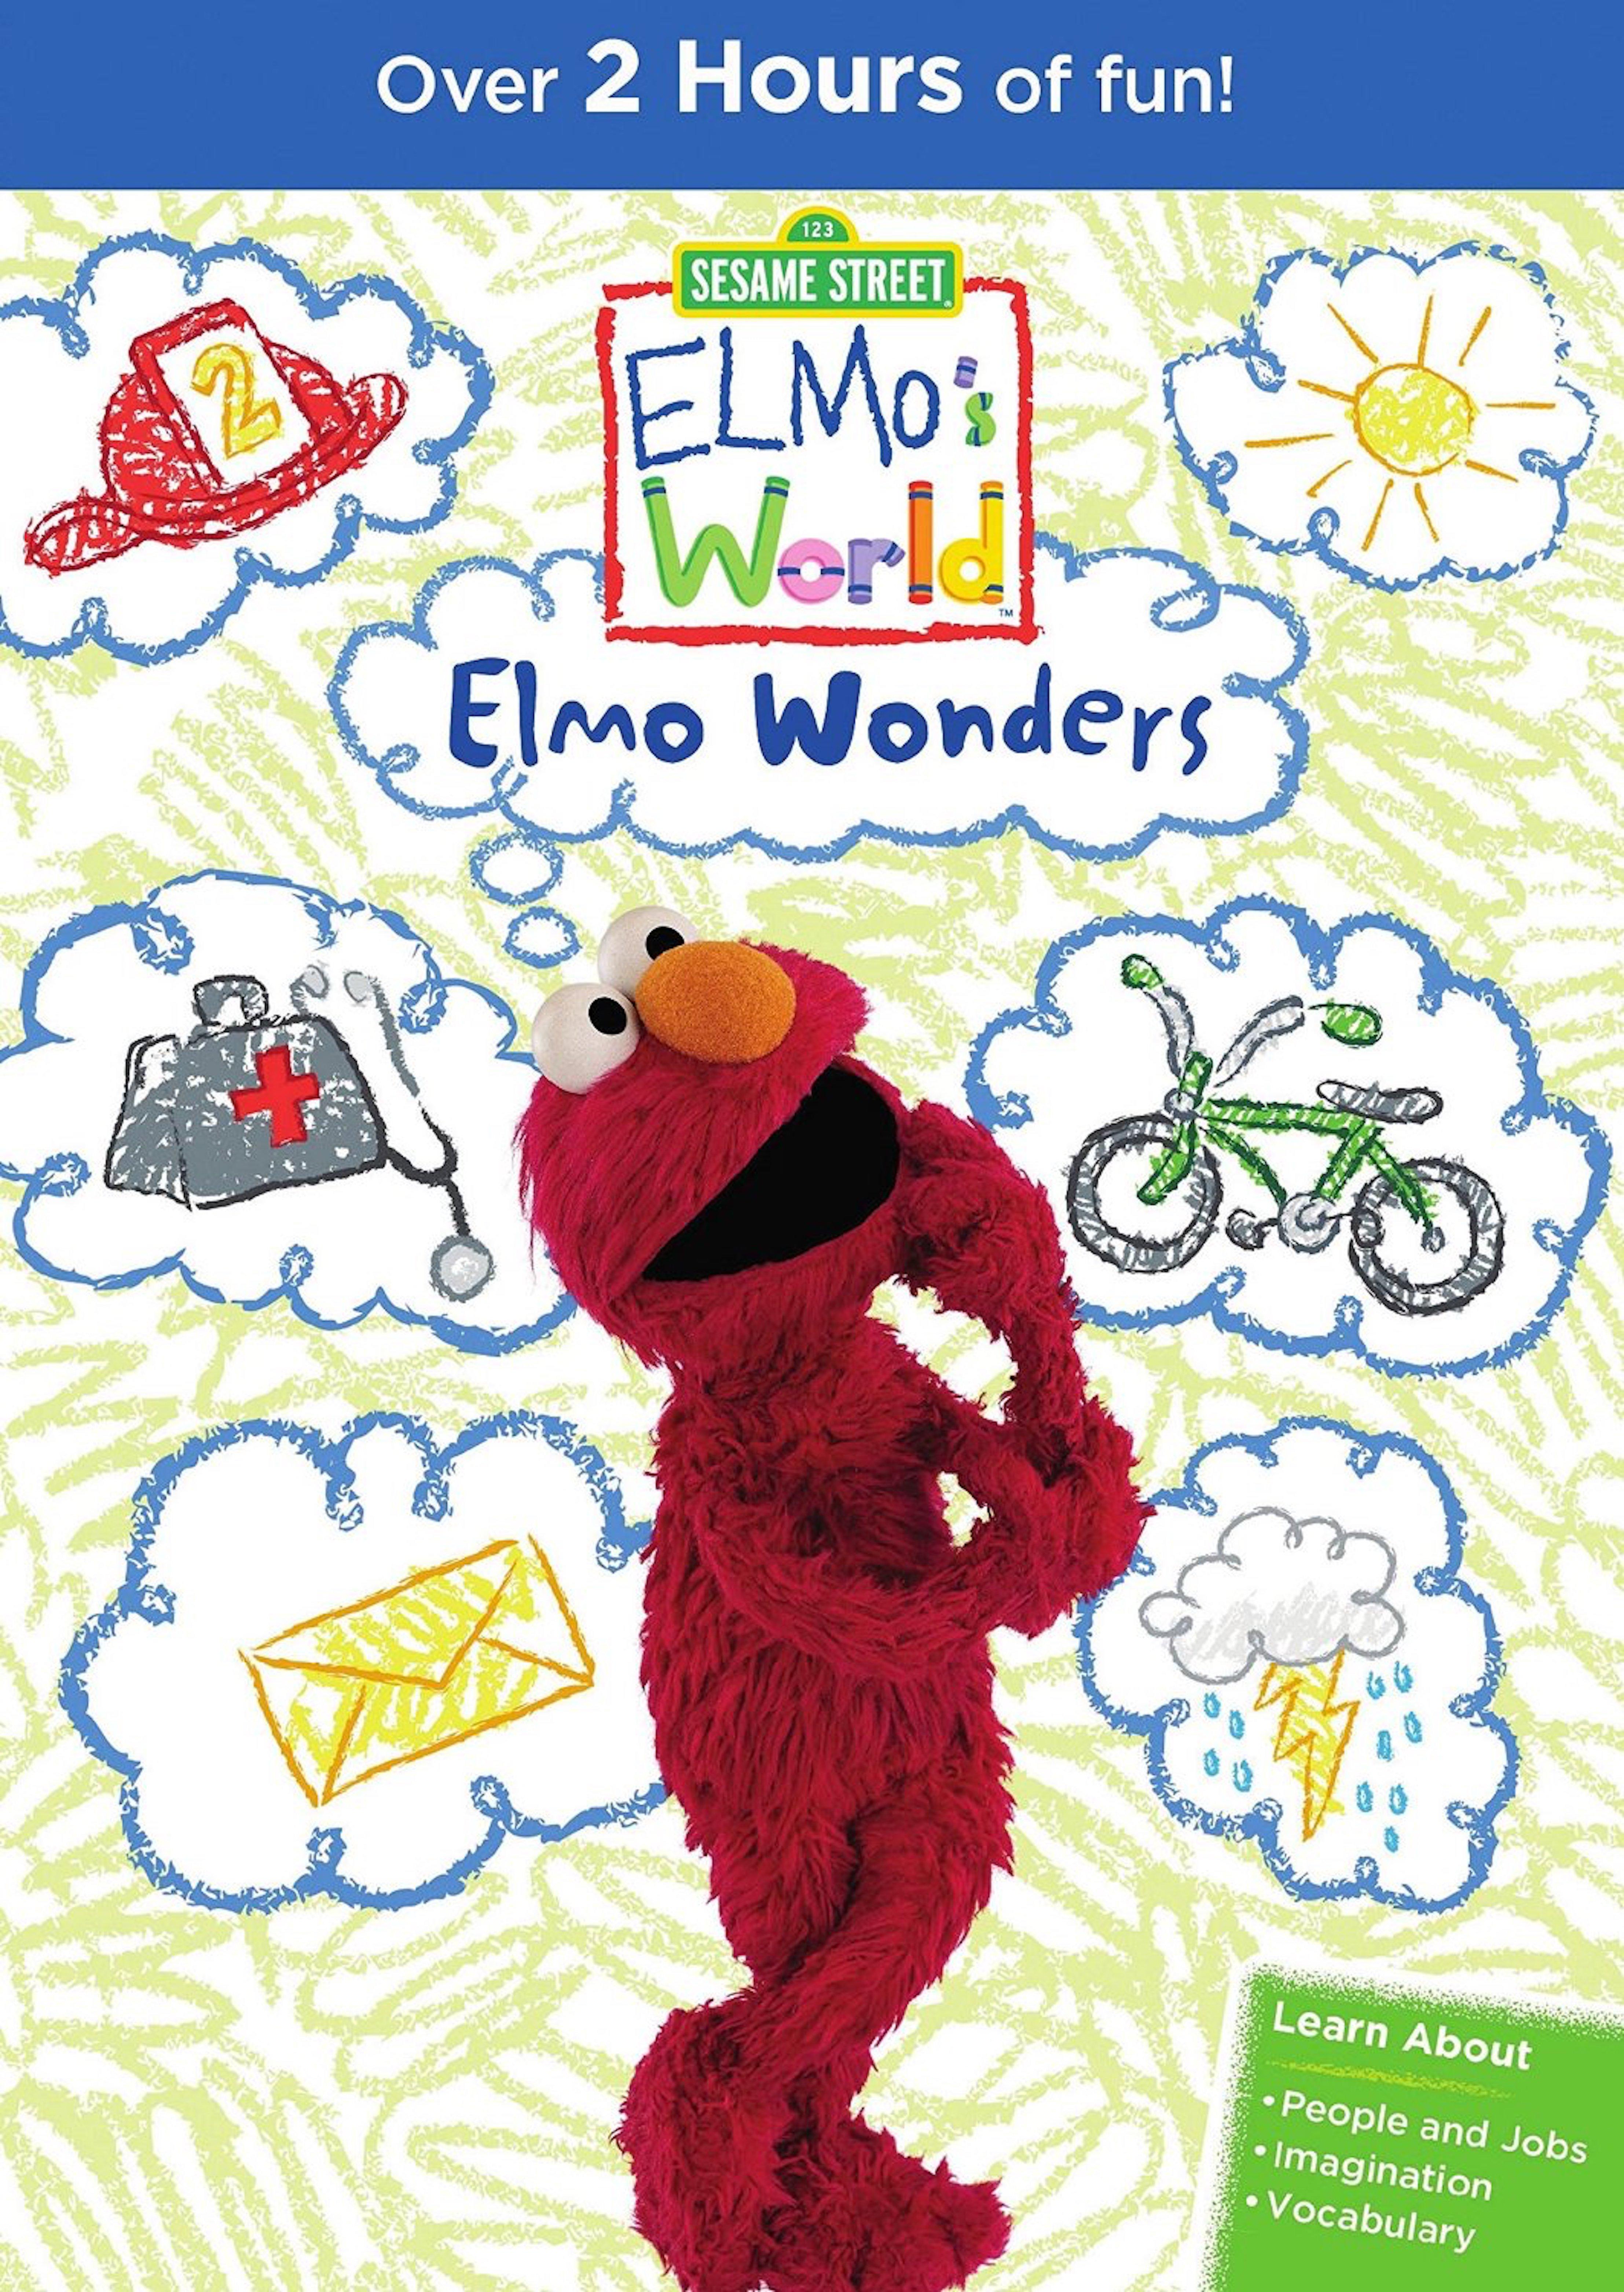 EW-ElmoWonders_72DPI.jpg